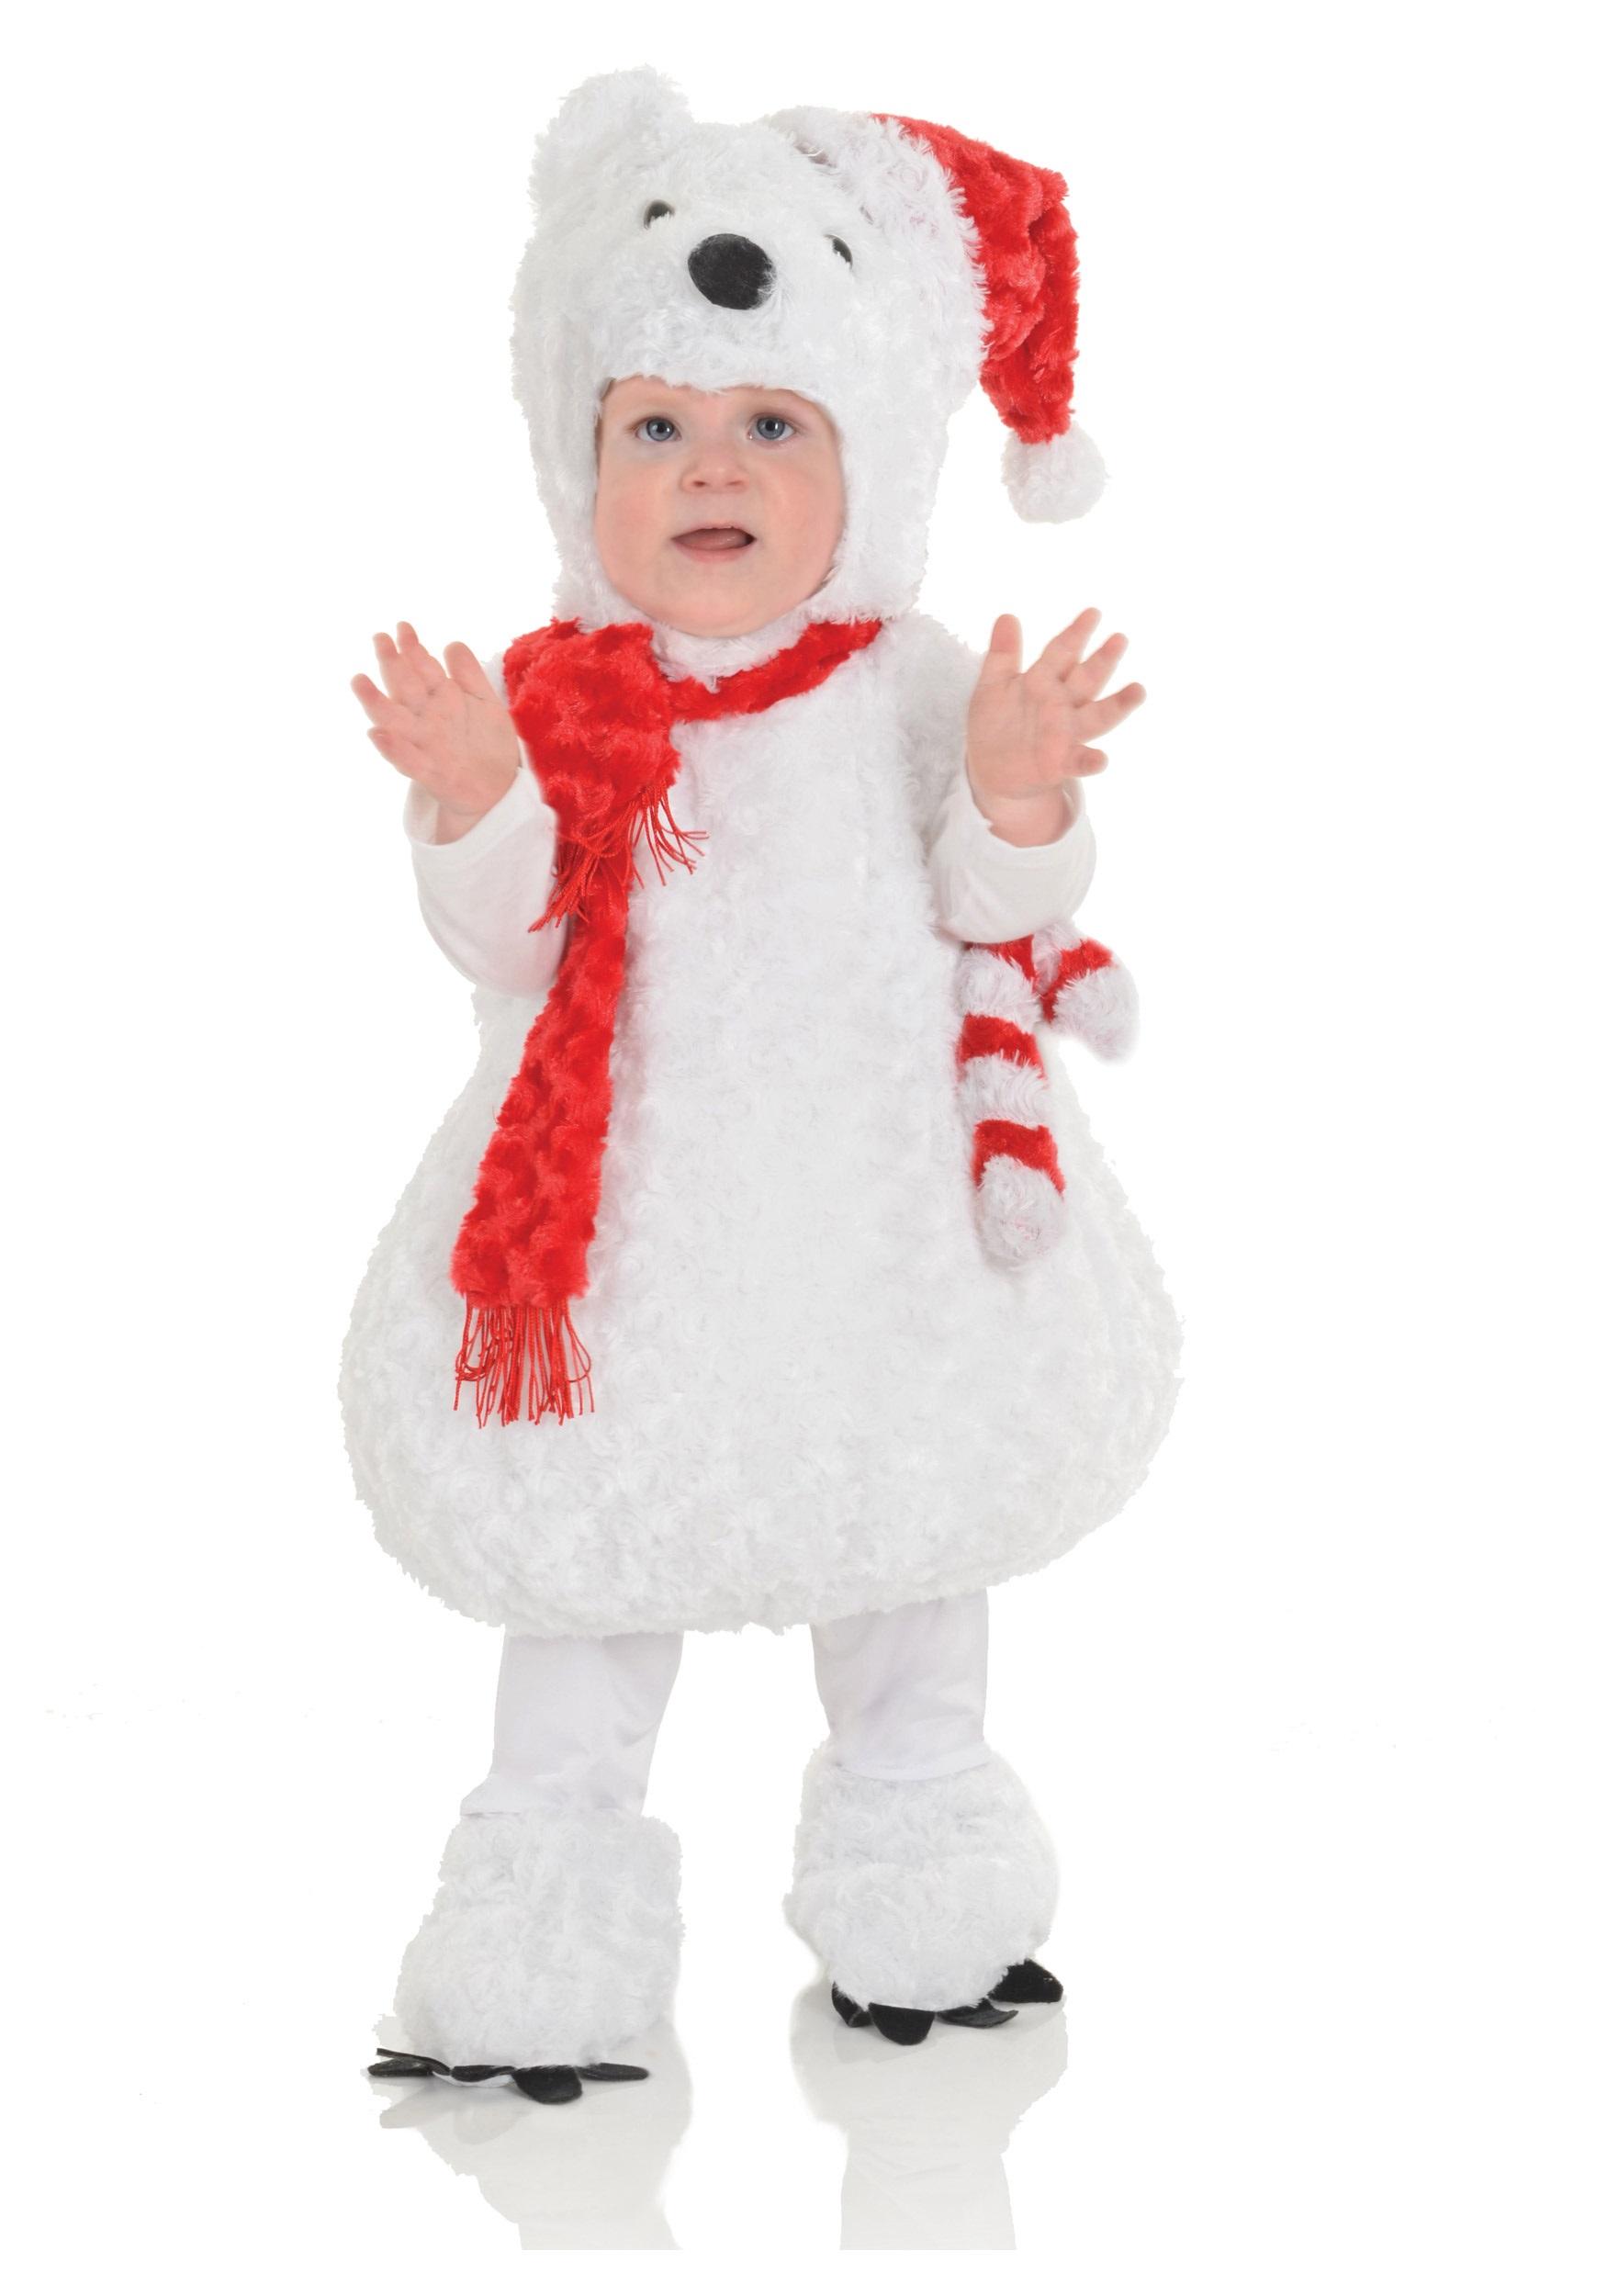 Toddler Christmas Polar Bear Costume  sc 1 st  Halloween Costumes & Toddler Christmas Polar Bear Costume - Halloween Costumes